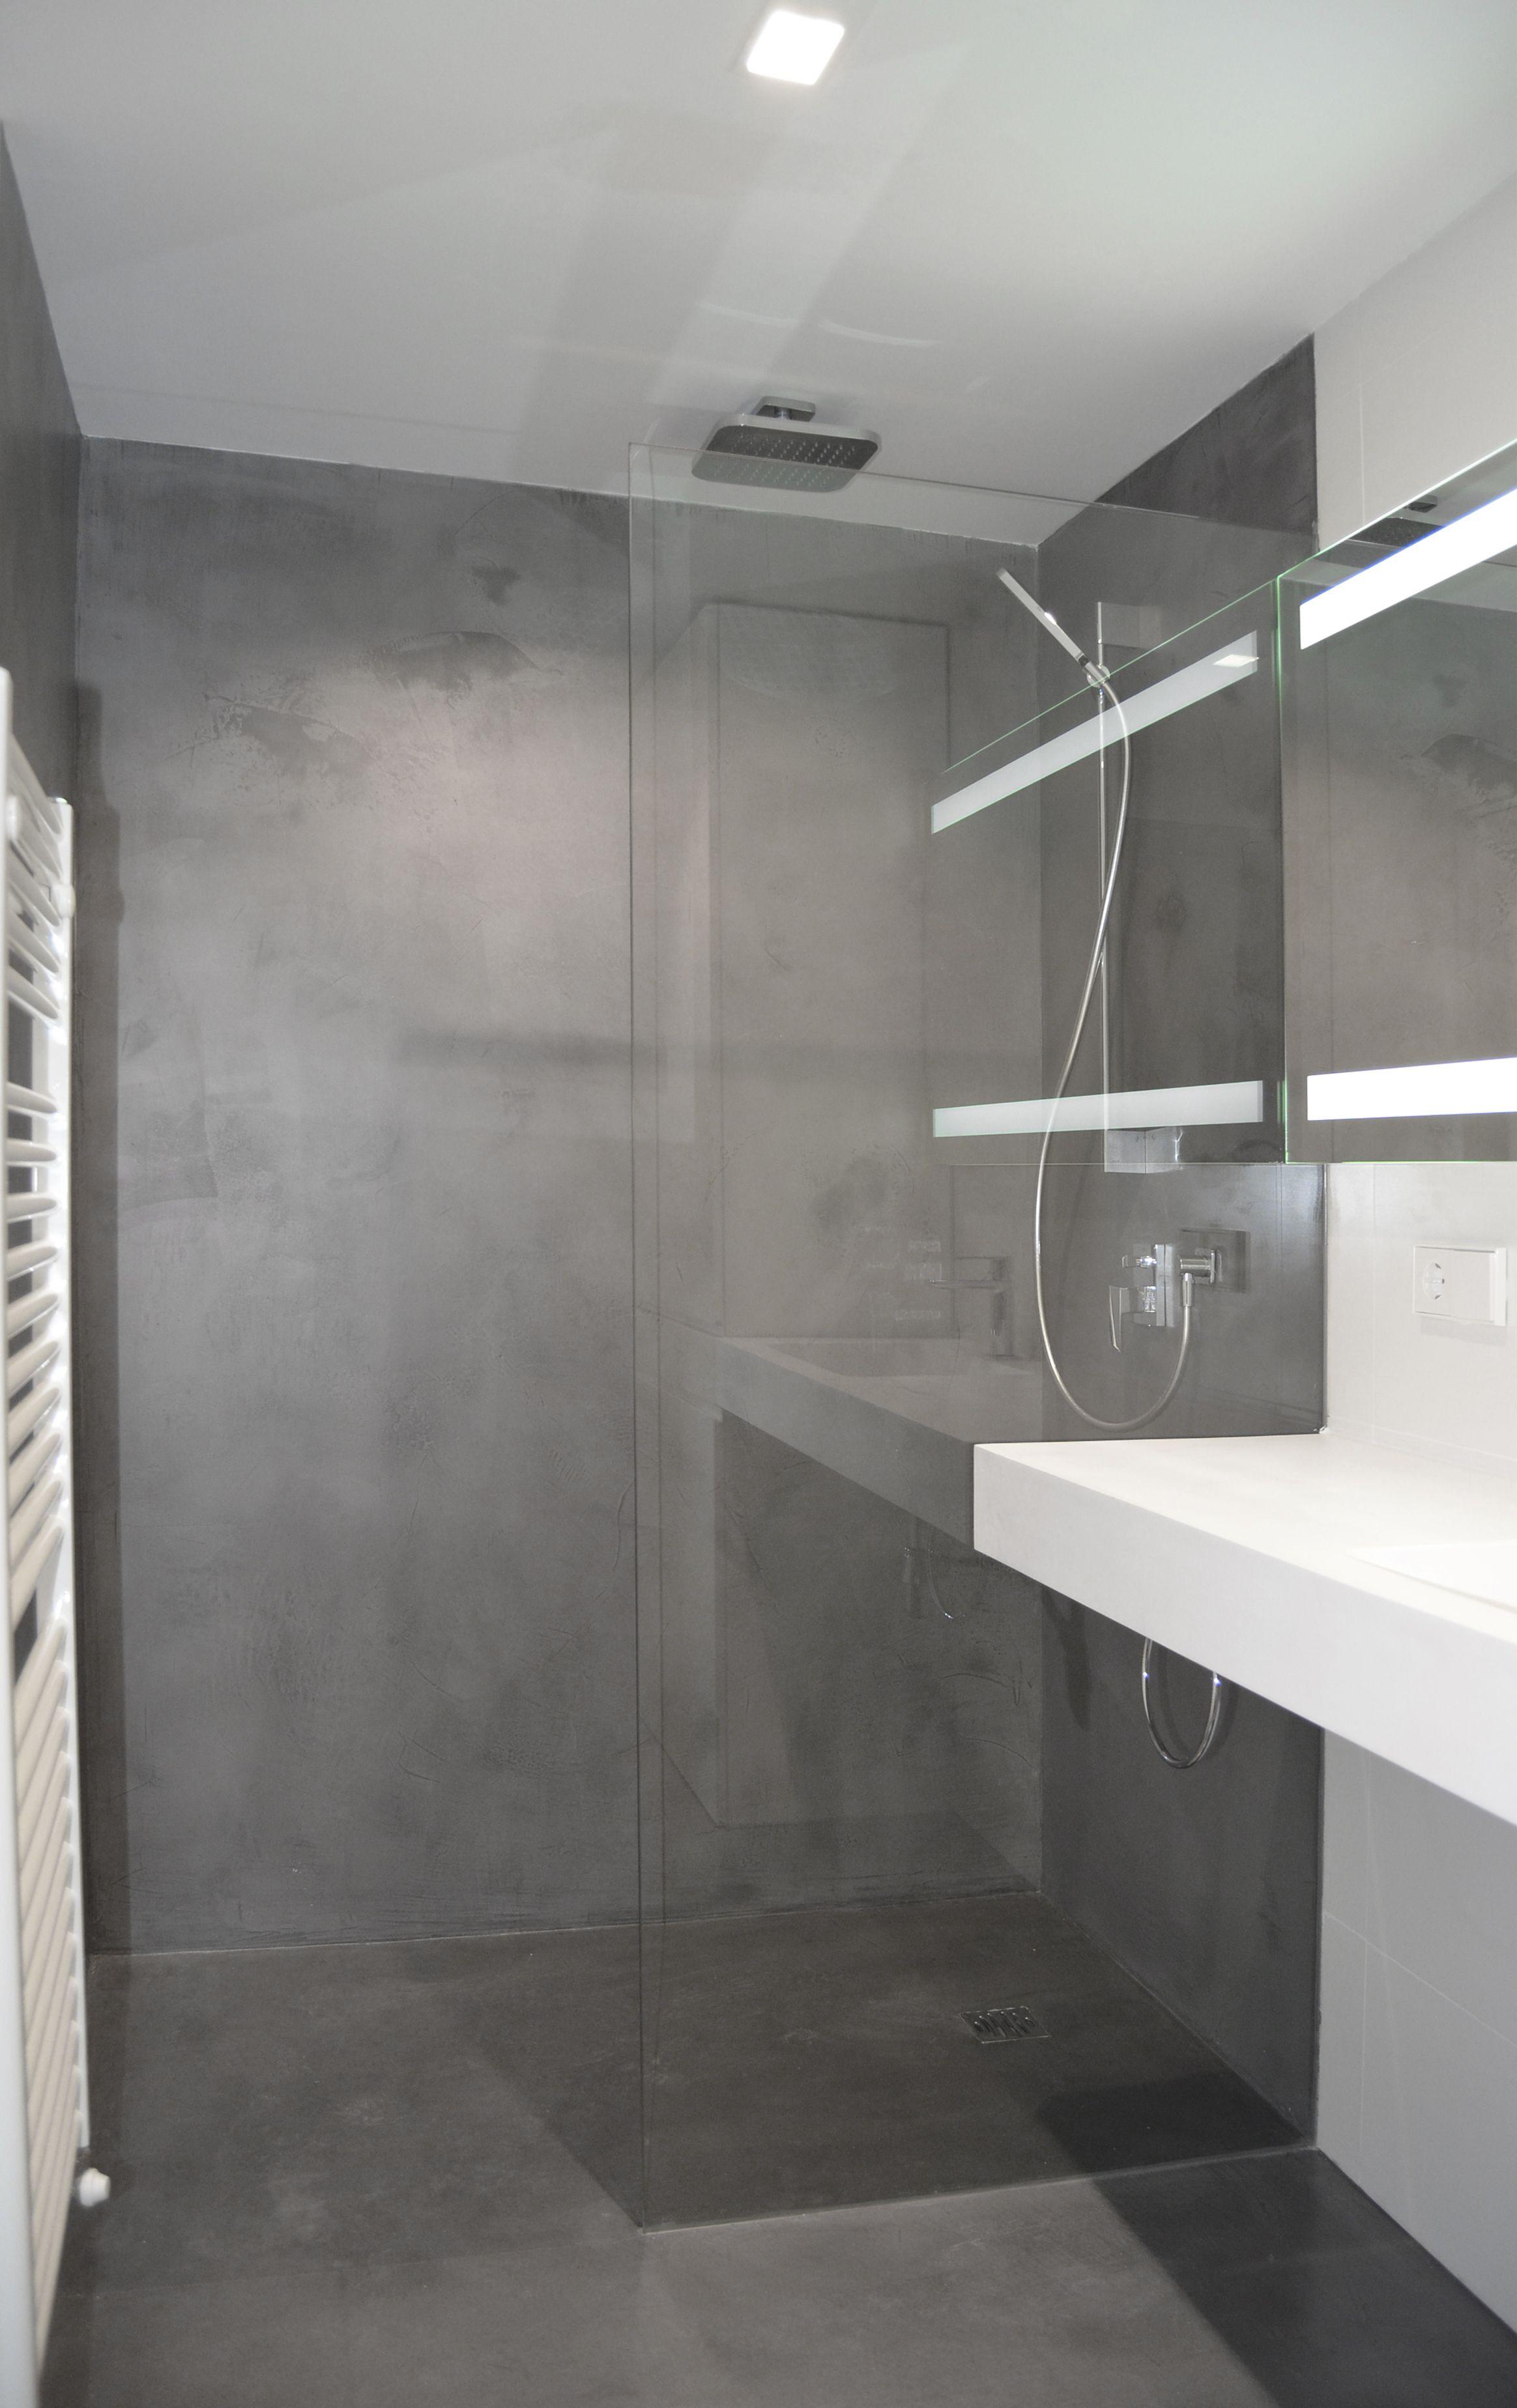 Proyectos mamposteria ba o microcemento suelos ba os - Aplicacion de microcemento en paredes ...